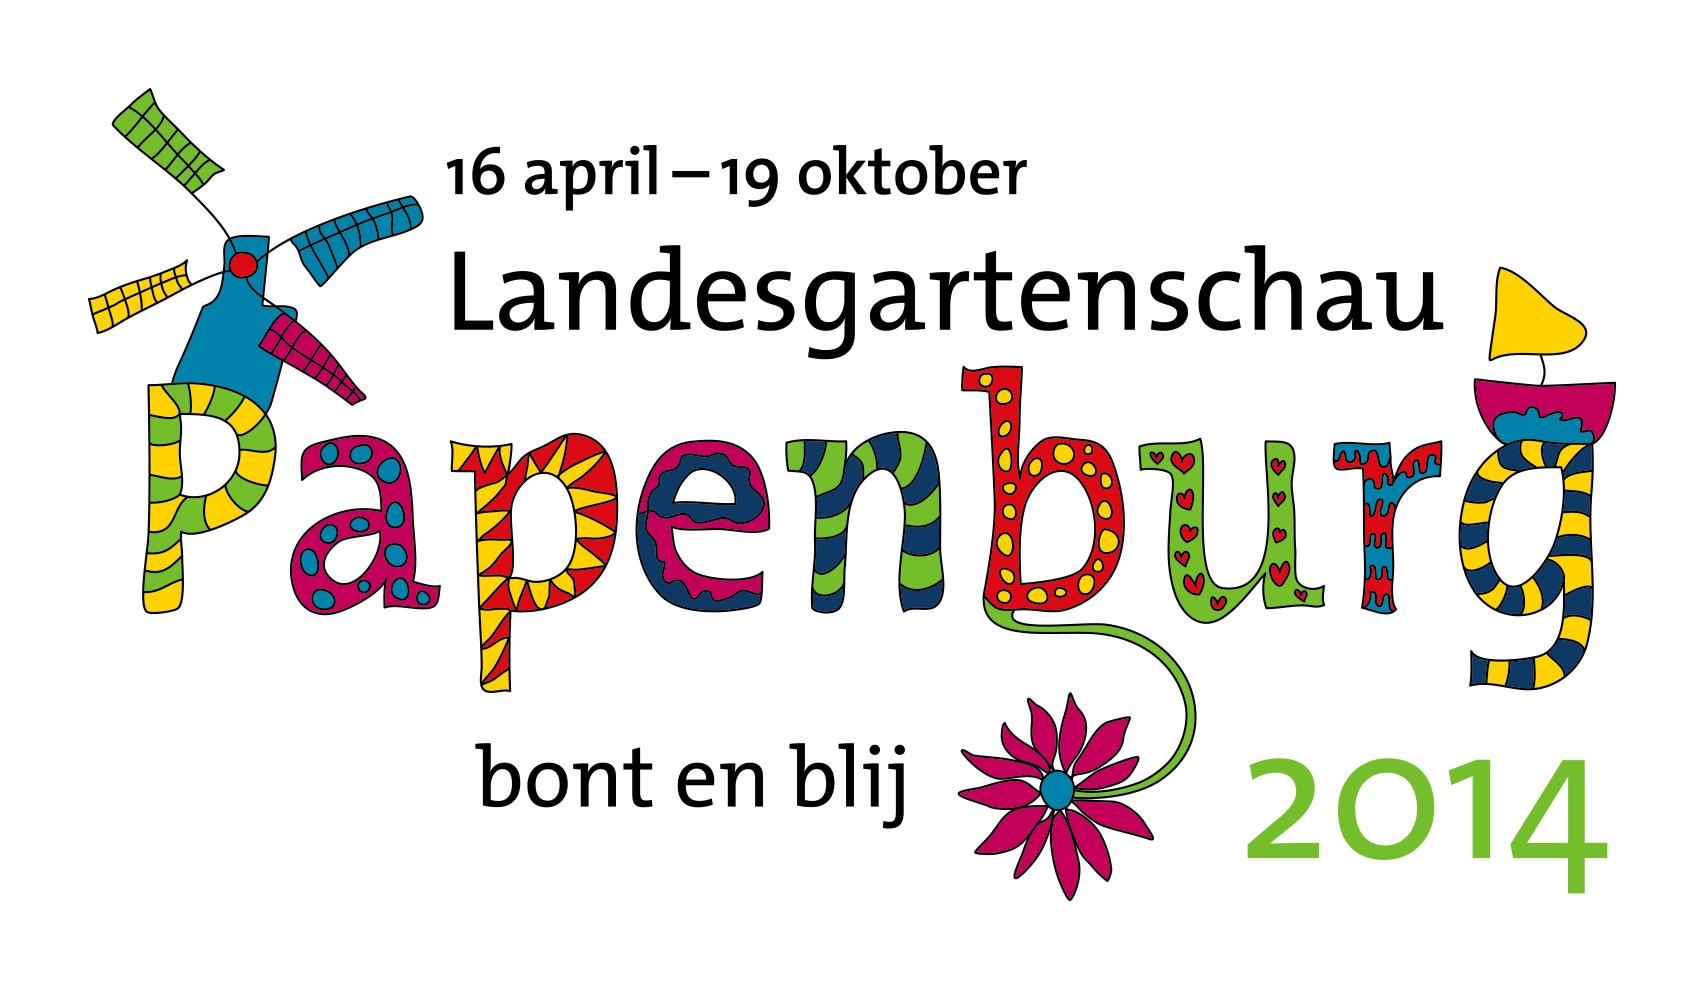 """""""Landesgartenschau"""" arrangement - Hotel Groningen-Westerbroek"""